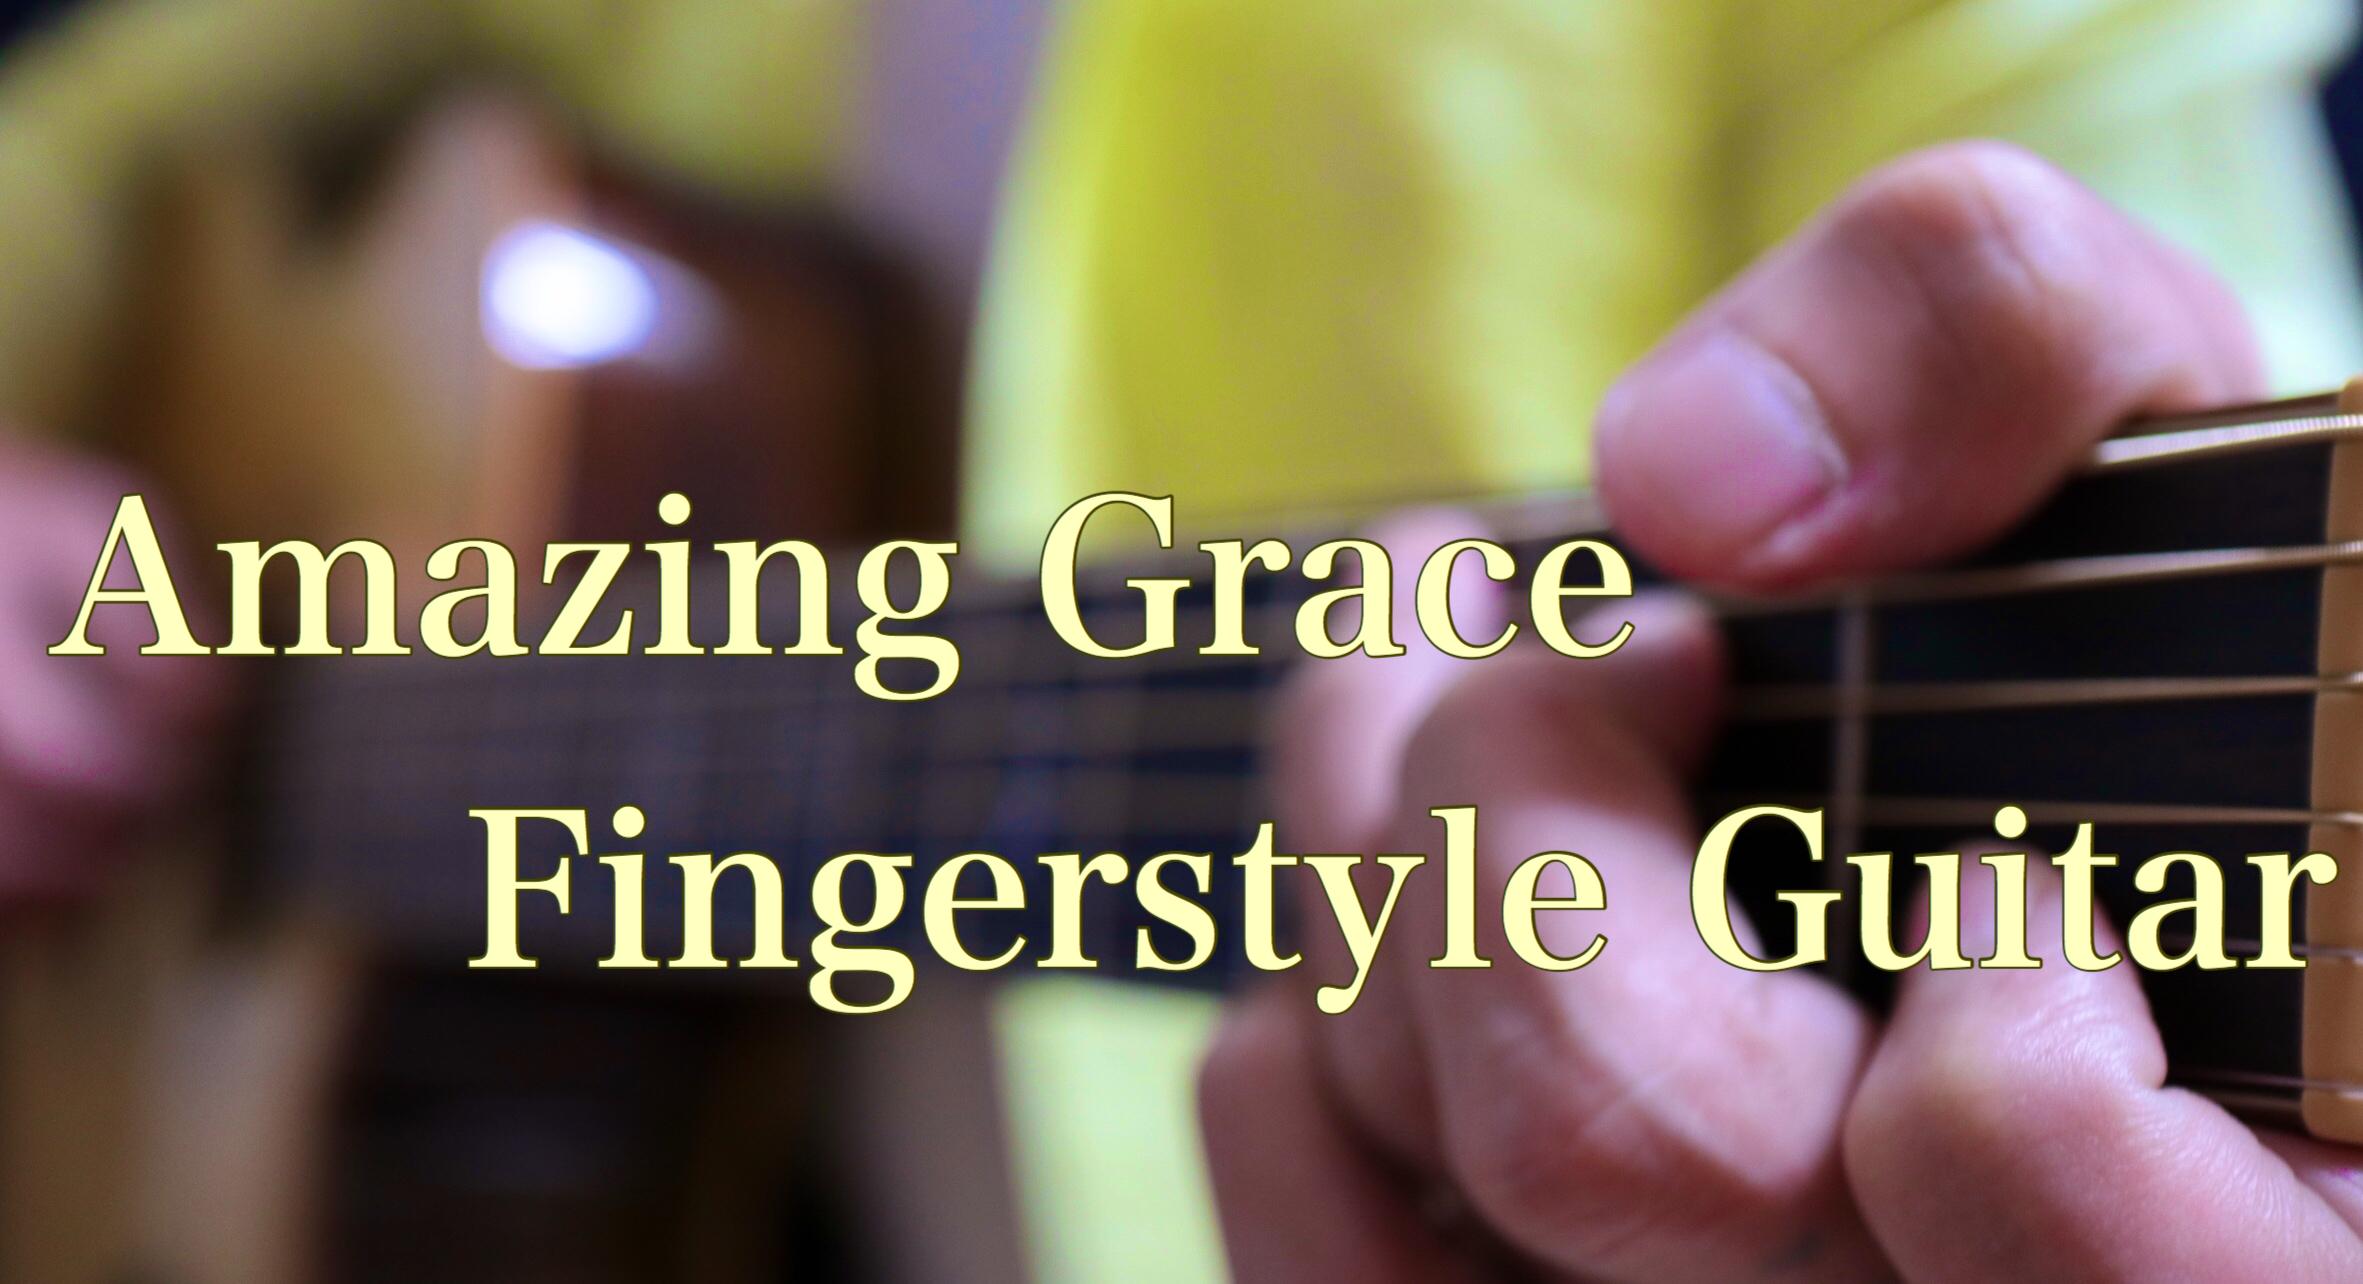 「Amazing Grace」ソロギター演奏中